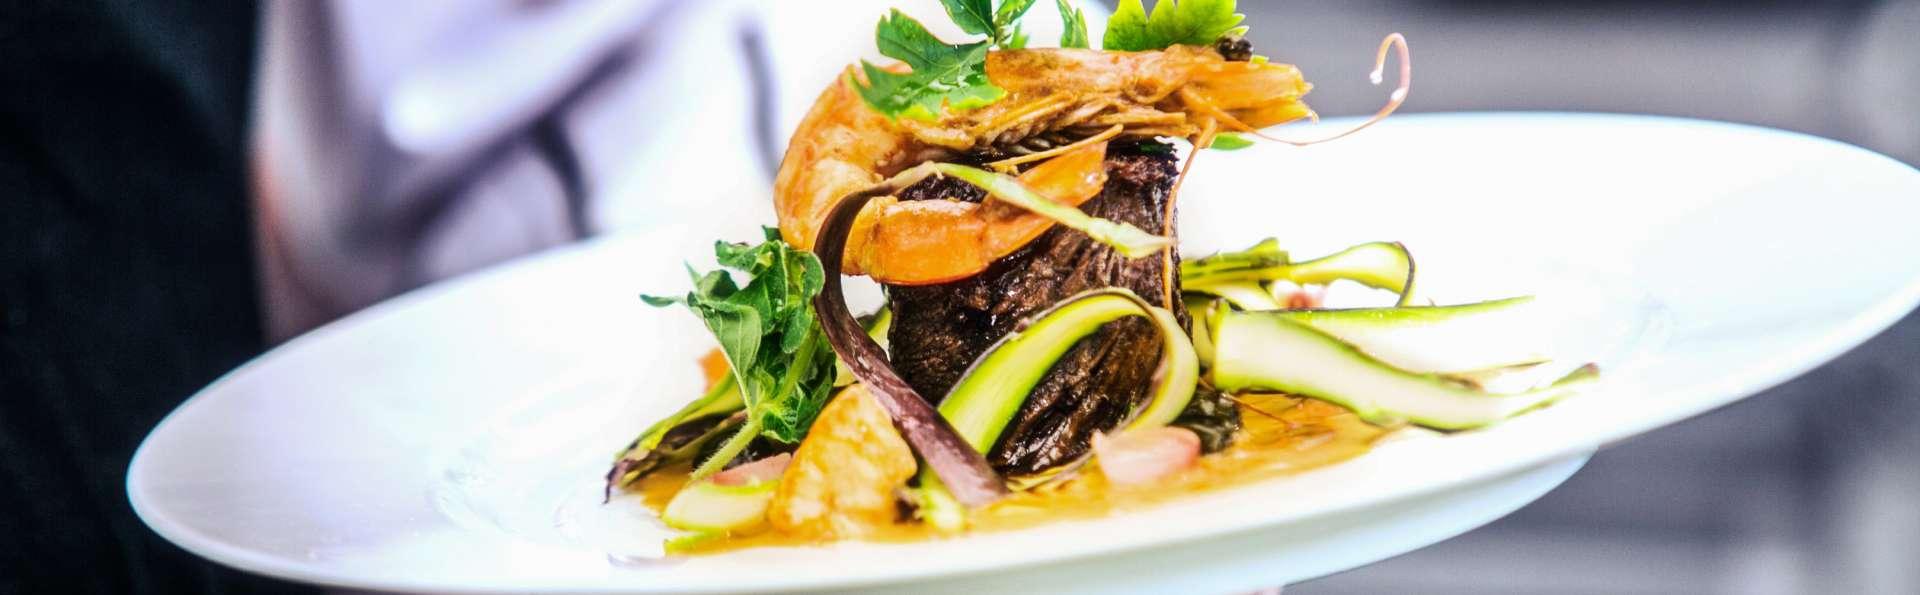 Week-end détente avec dîner 3 plats et accès au spa à 30 minutes de Paris - Offre non-remboursable